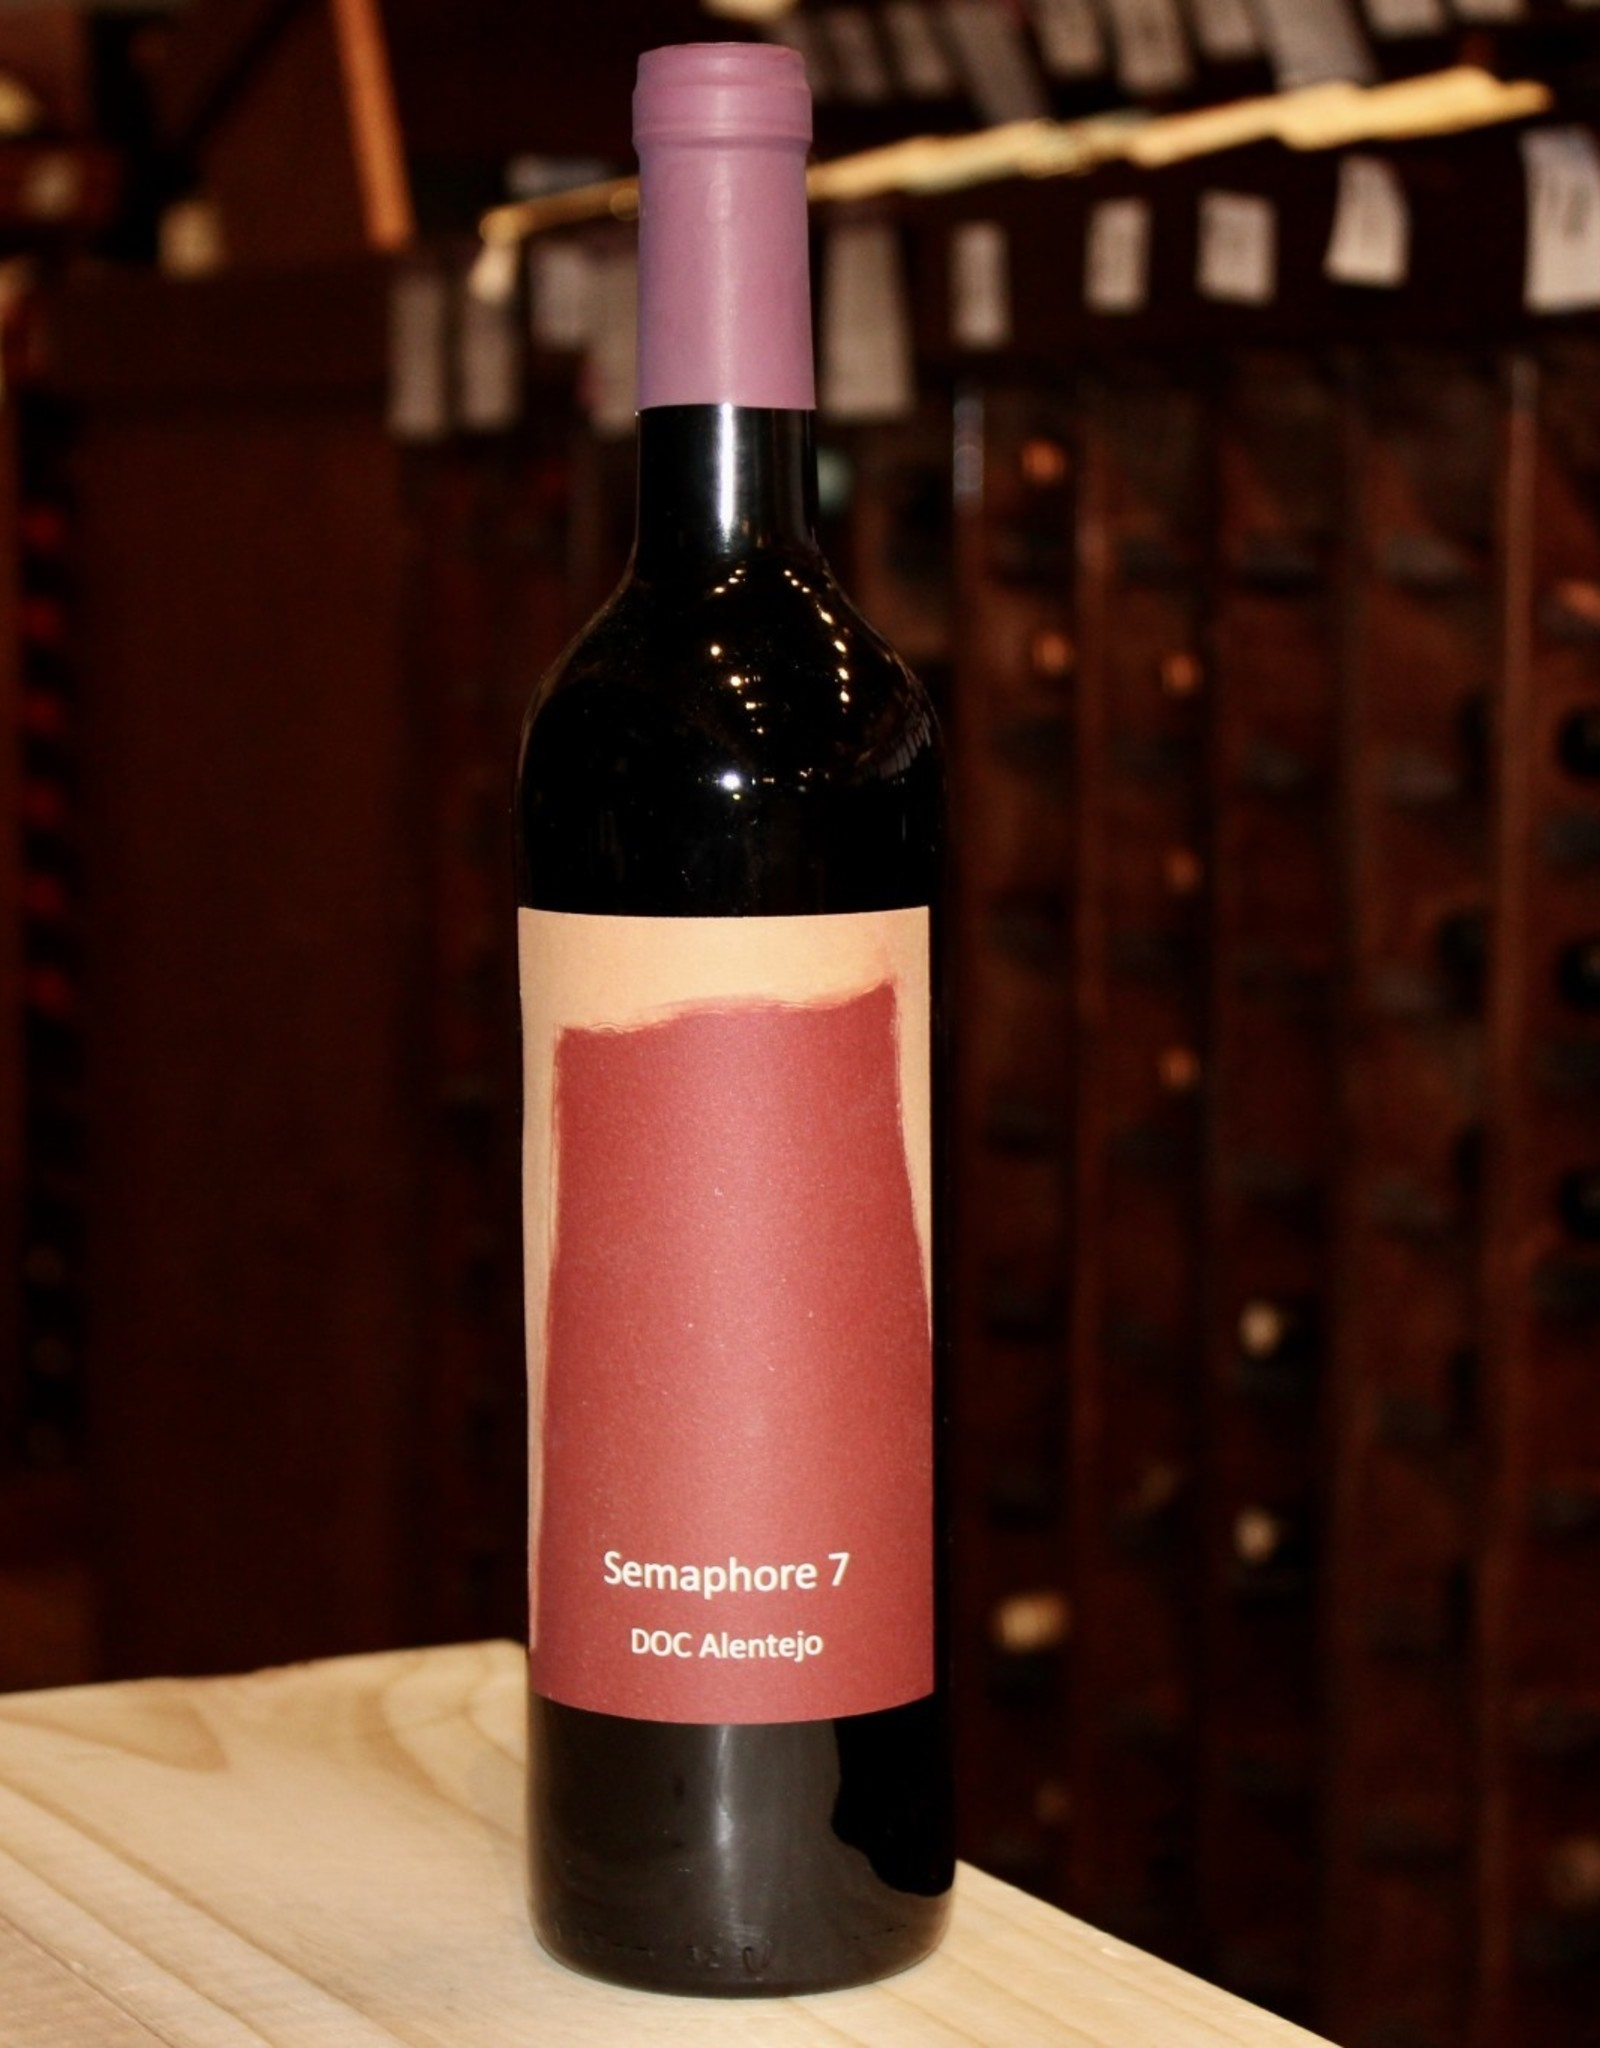 Wine 2018 Semaphore 7 - Alentejo, Portugal (750ml)